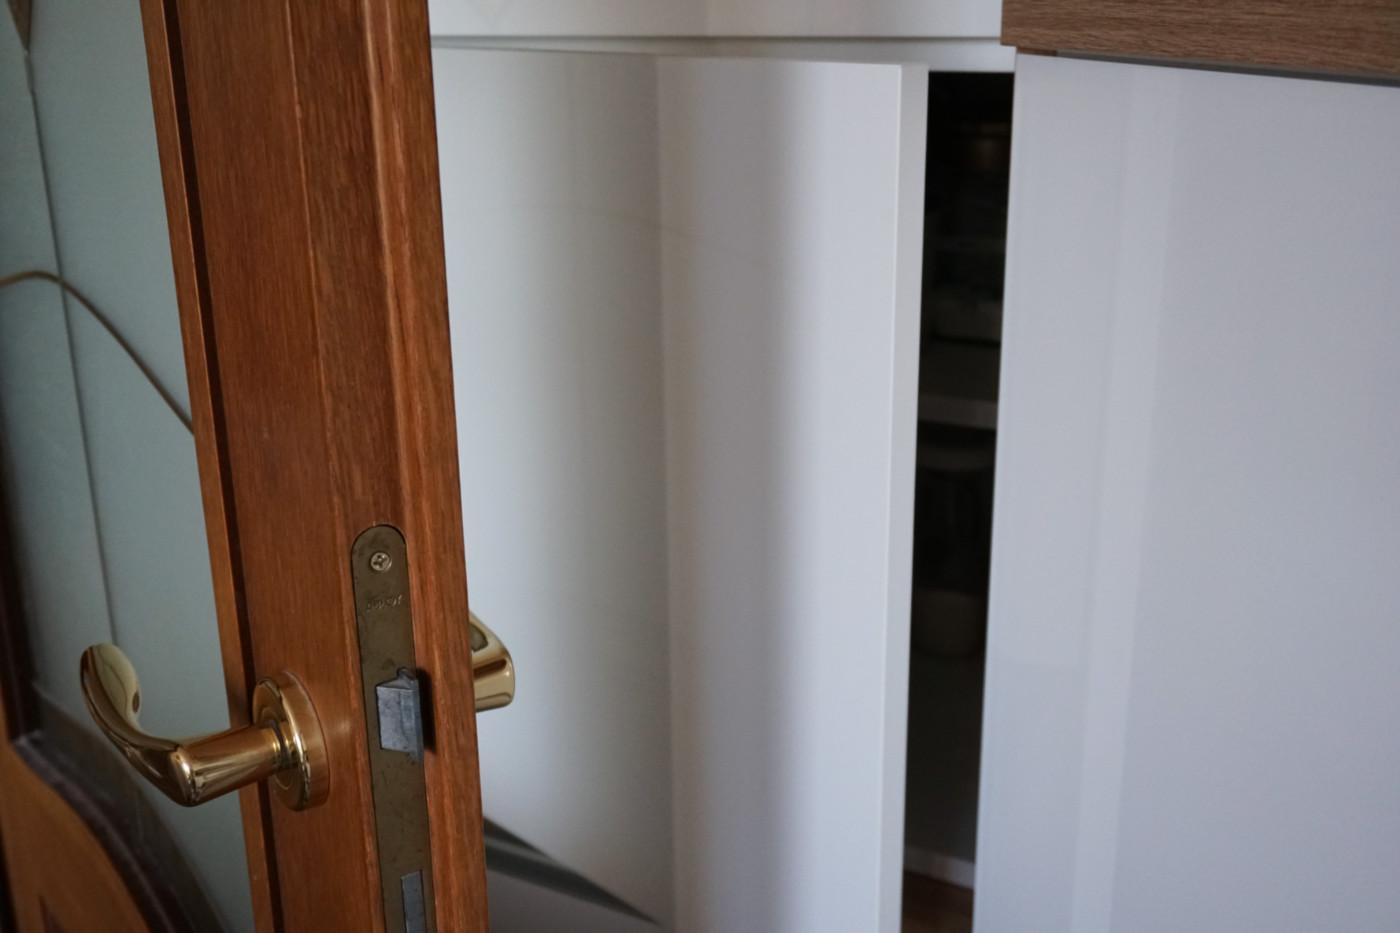 szafka za drzwiami